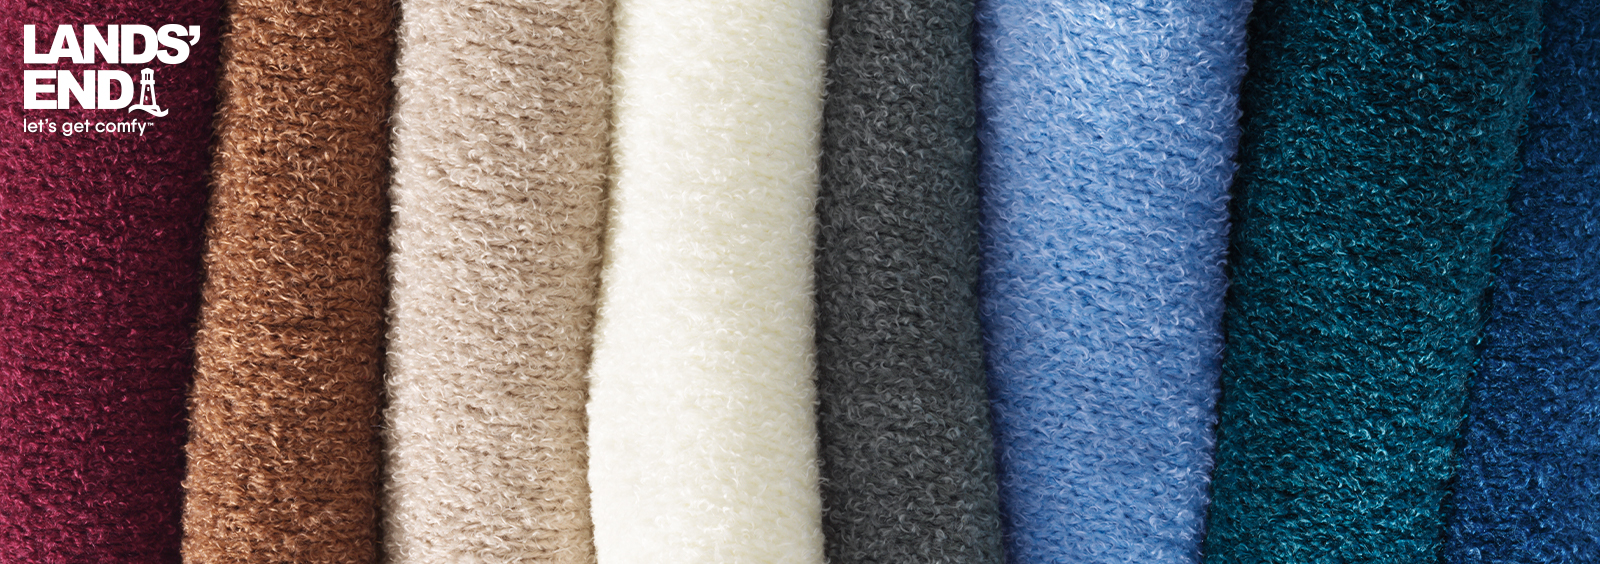 Tips for a Comfy Closet Revamp